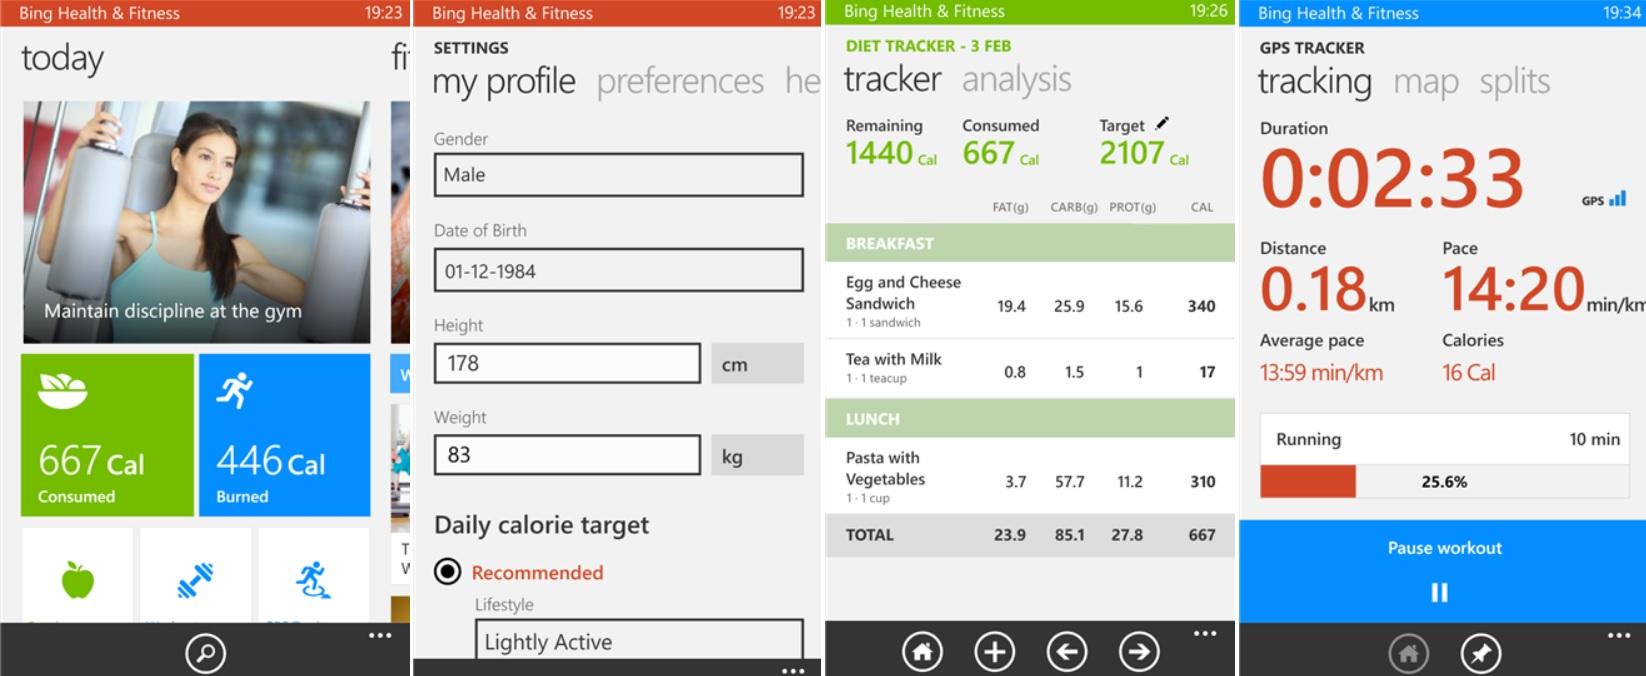 Mantenga su salud y condición física, gratis para Windows Phone